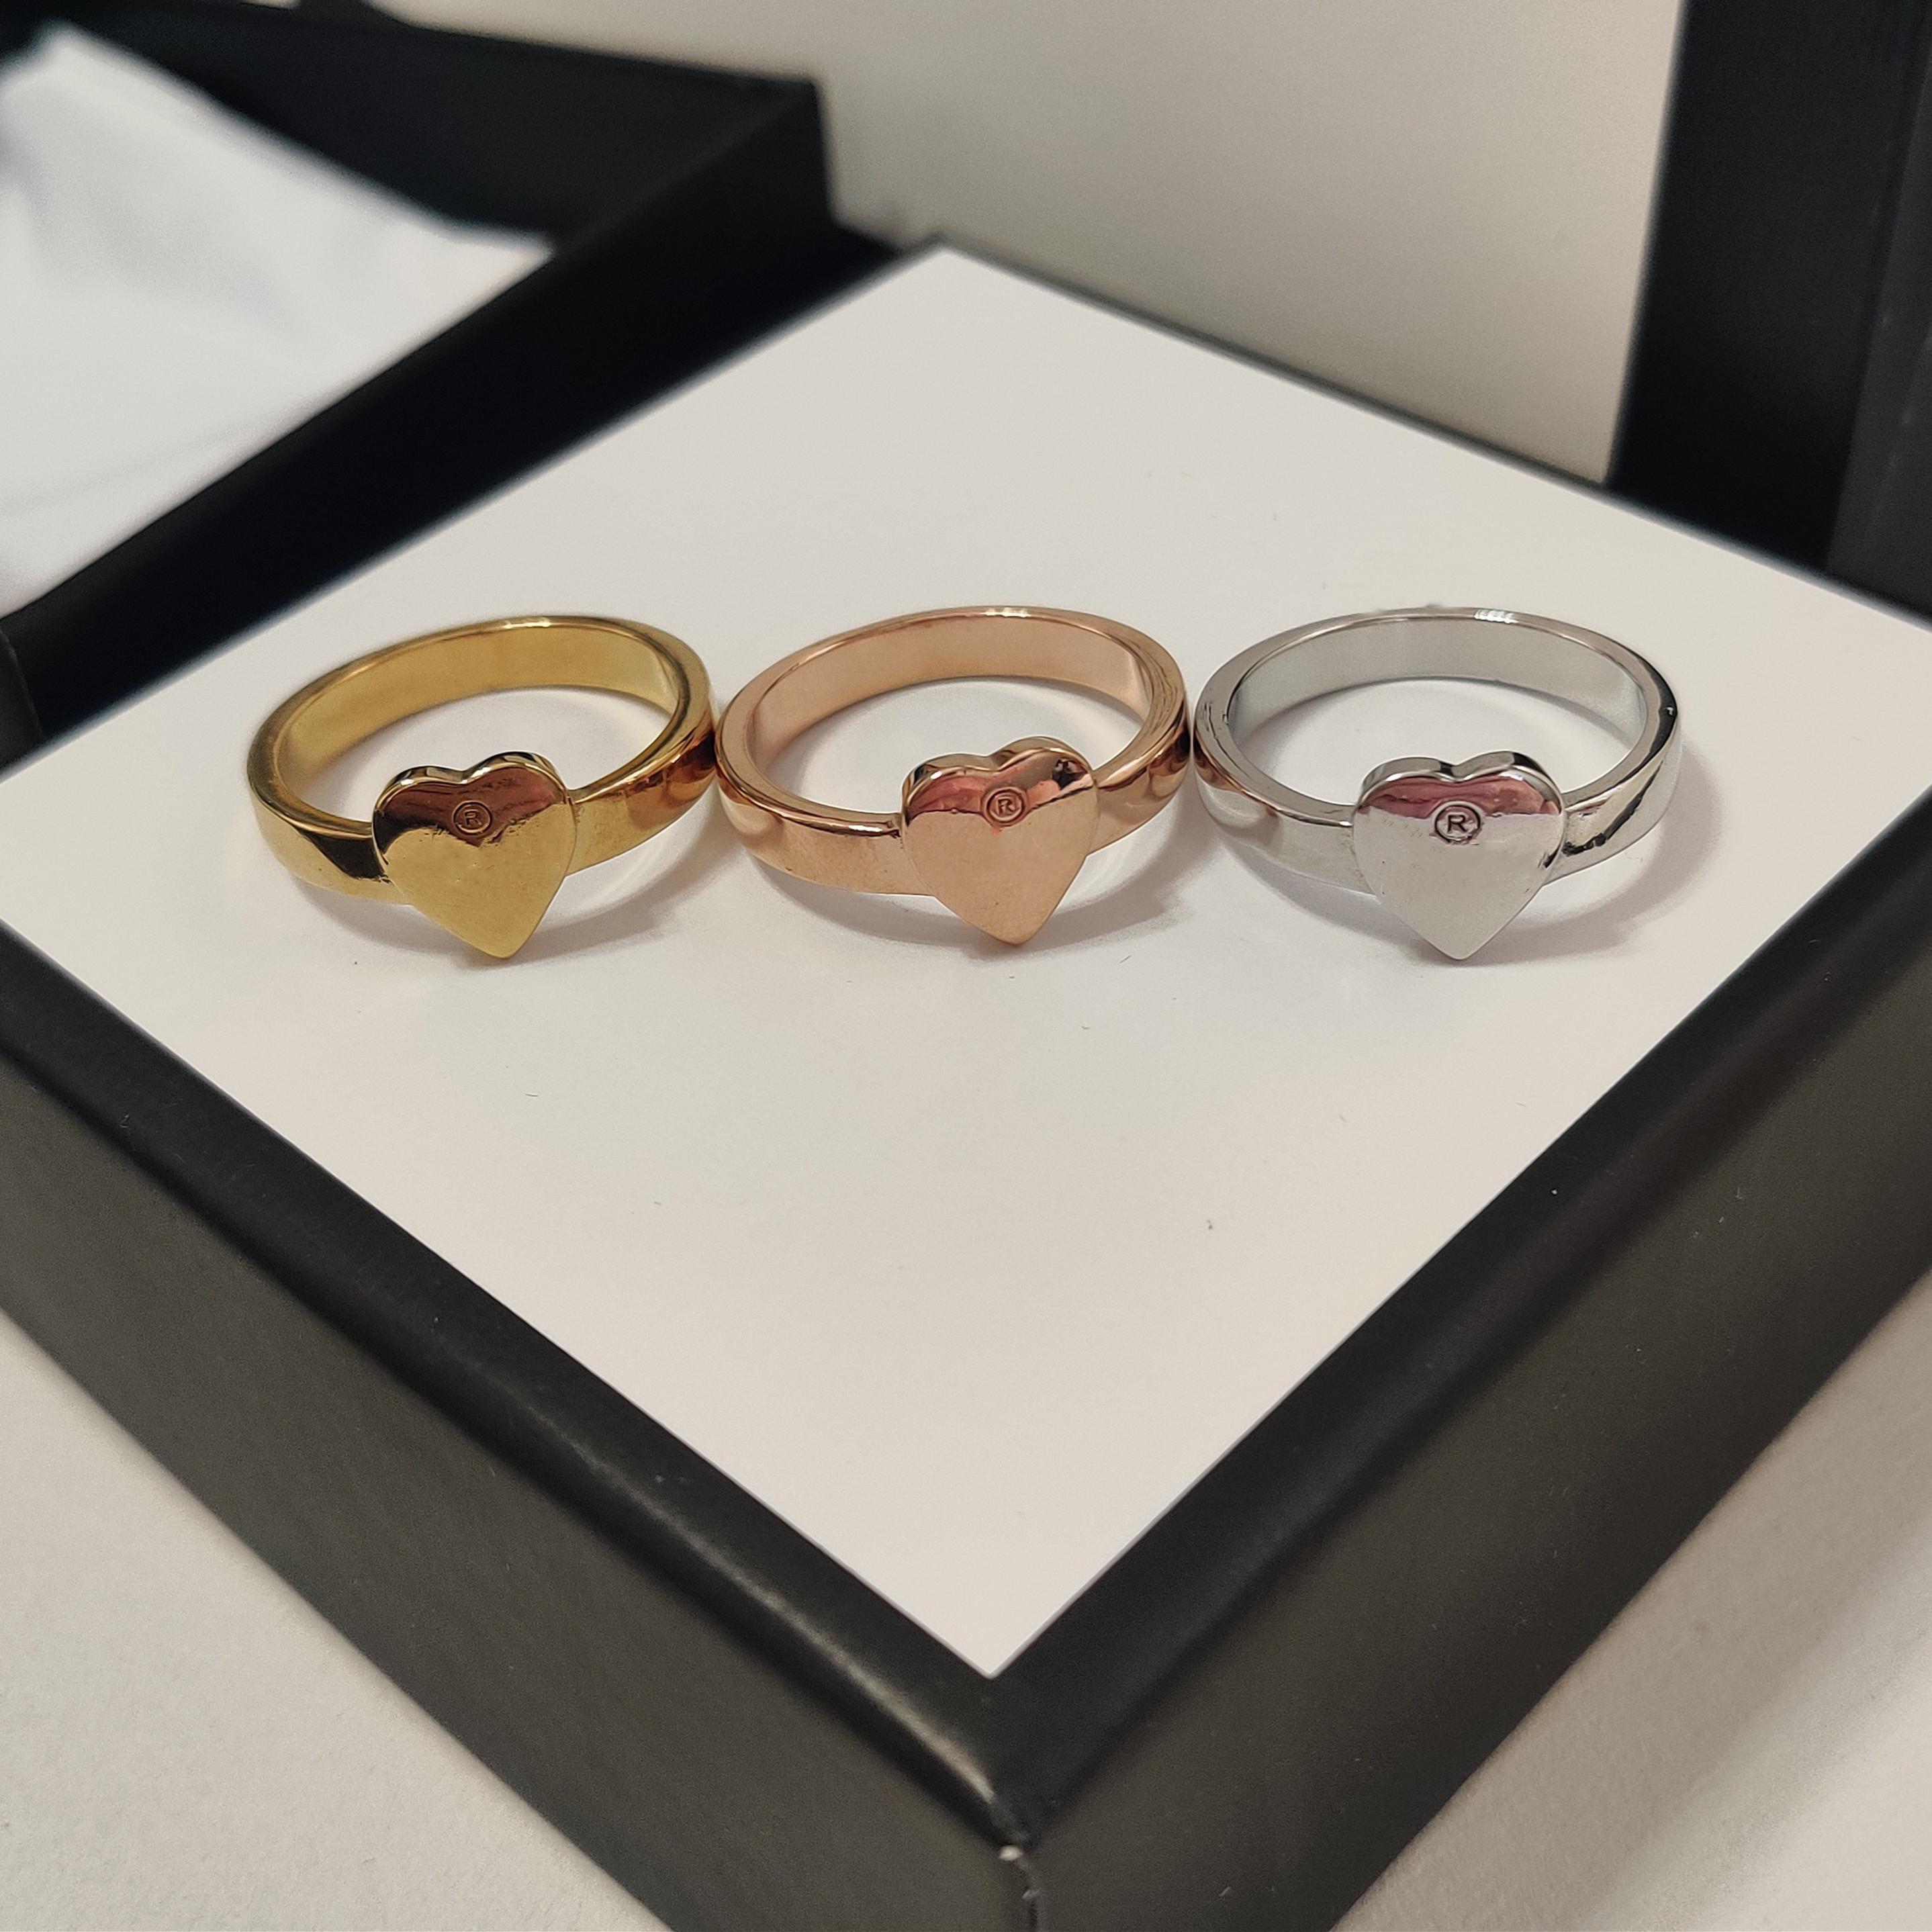 실버 도금 반지 판매 주황색 고품질 합금 3 색 여성 패션 간단한 성격 보석 공급을위한 최고 반지